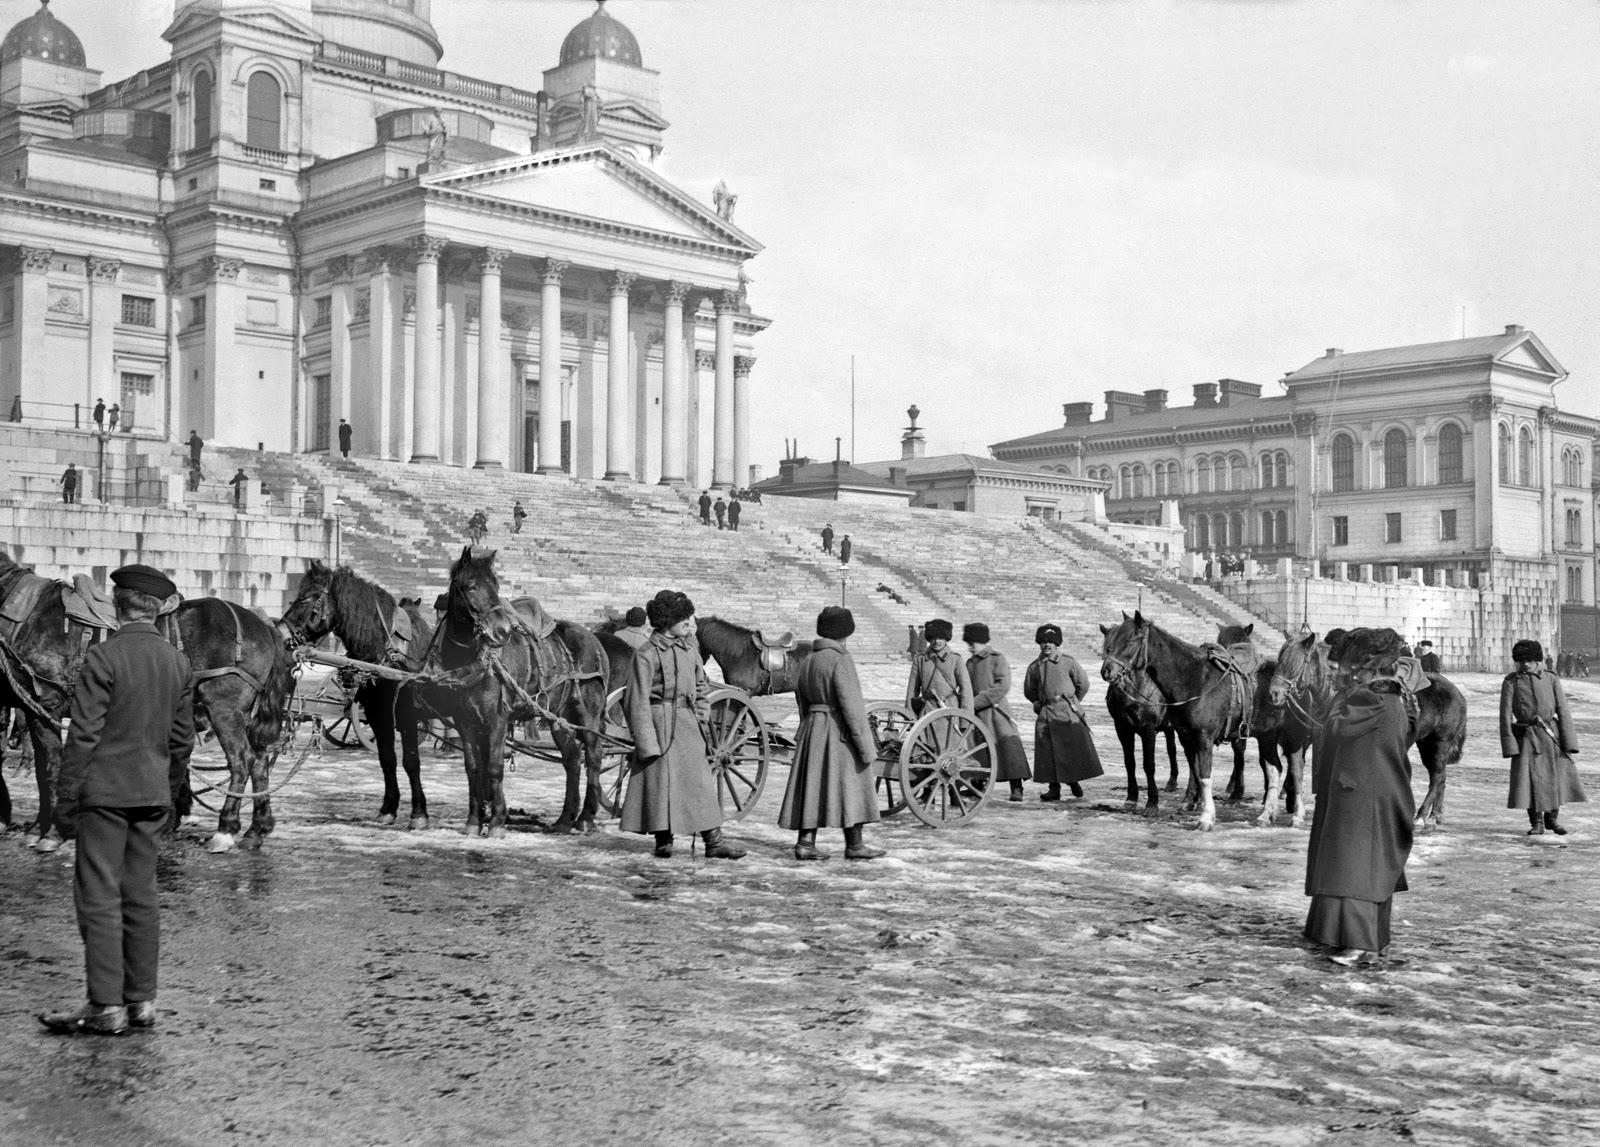 Soldados rusos en la plaza del Senado, hacia 1900